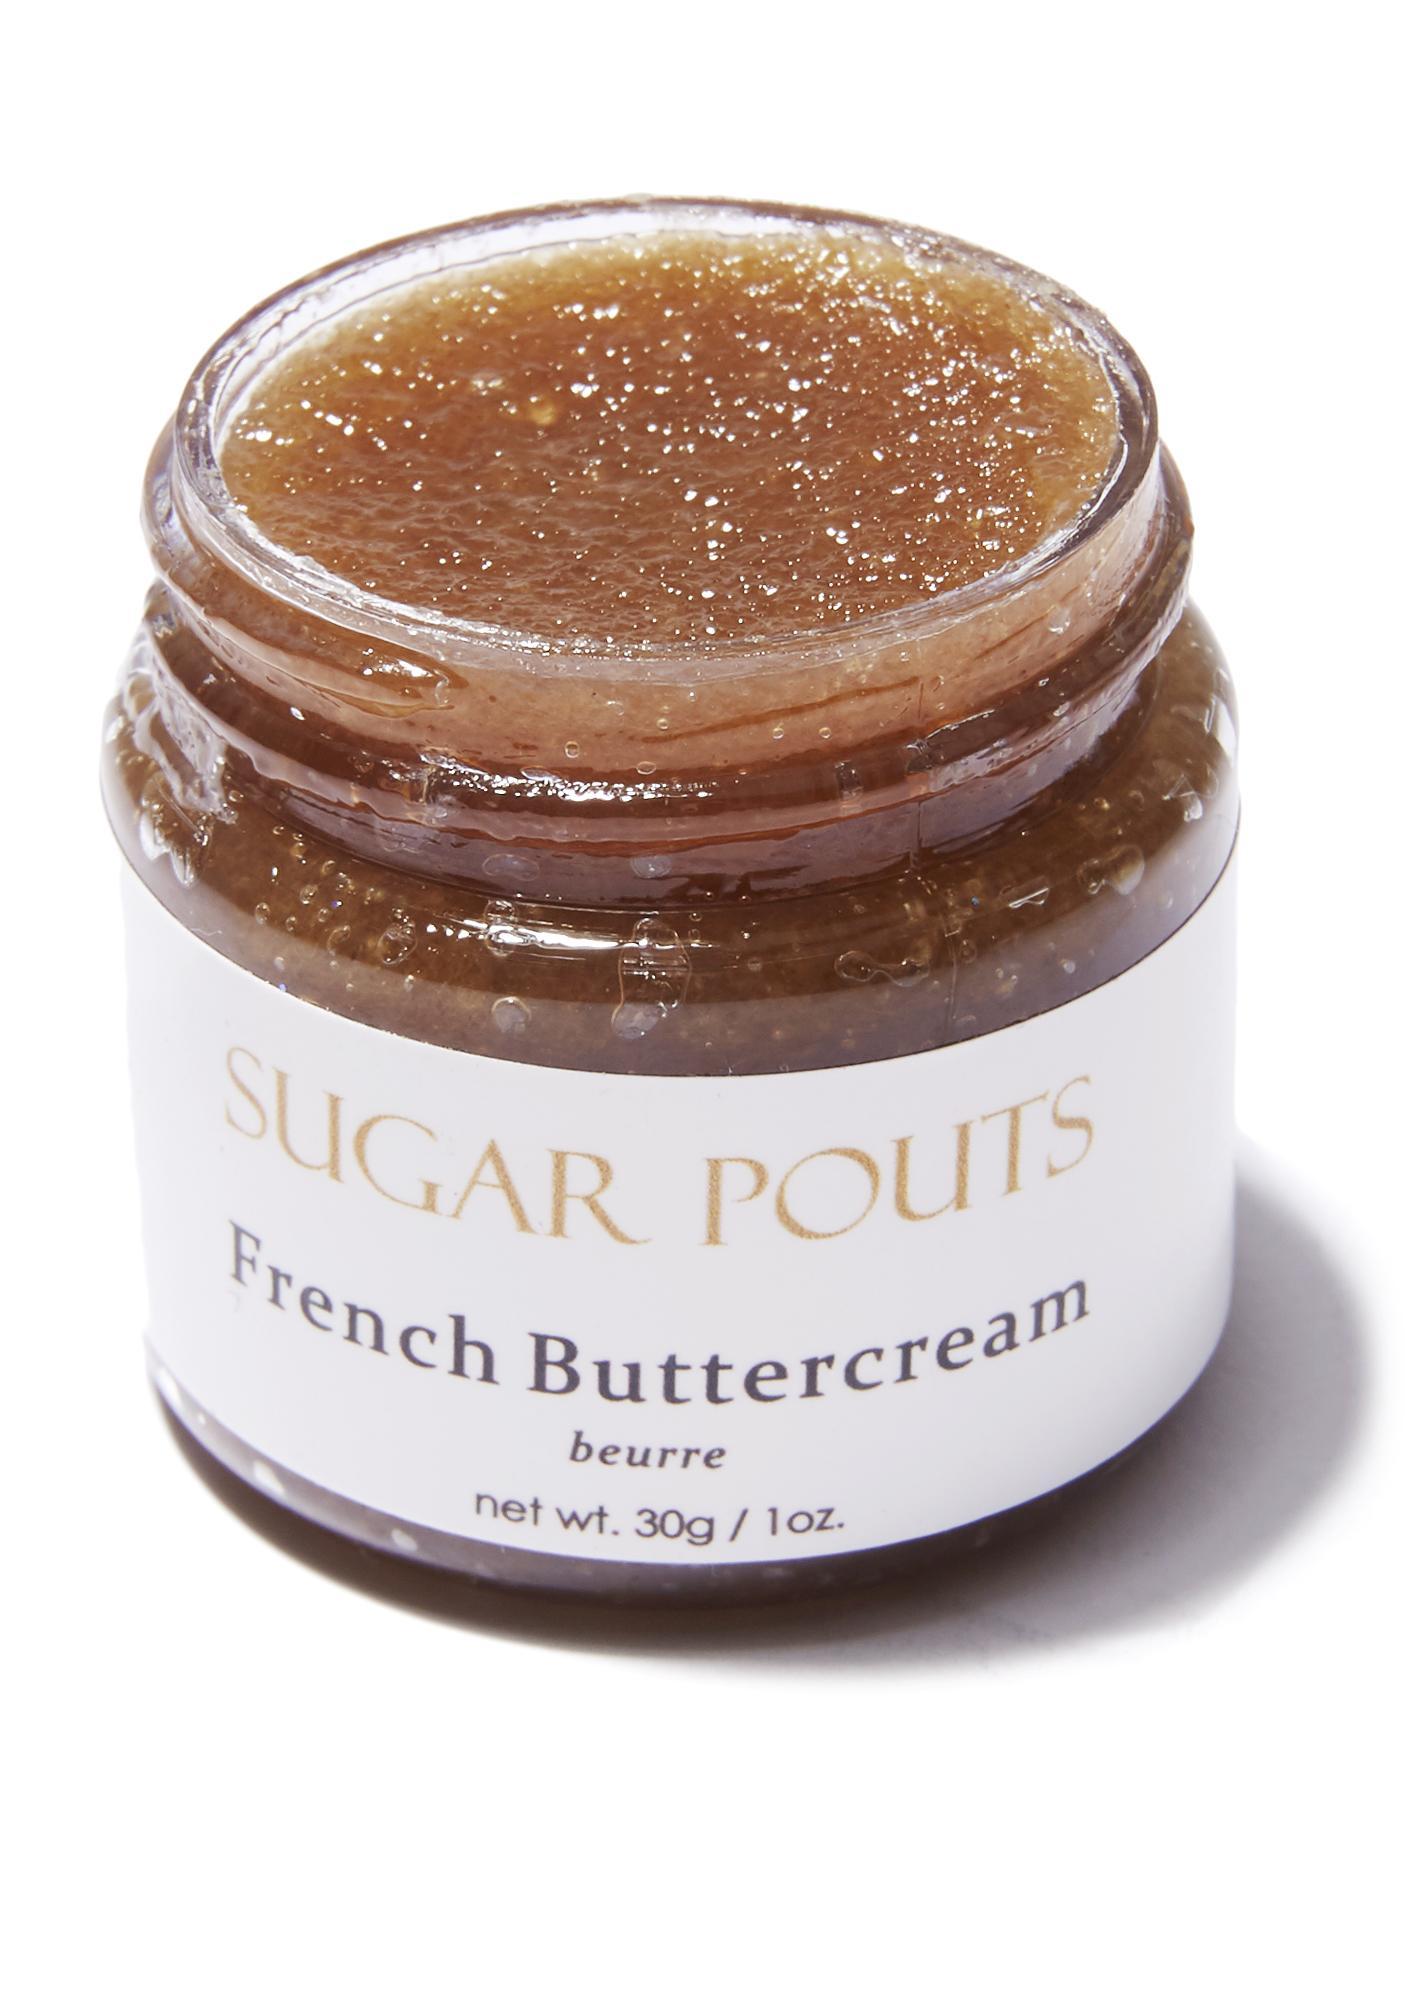 D. Benoit Buttercream Sugar Pouts Scrub